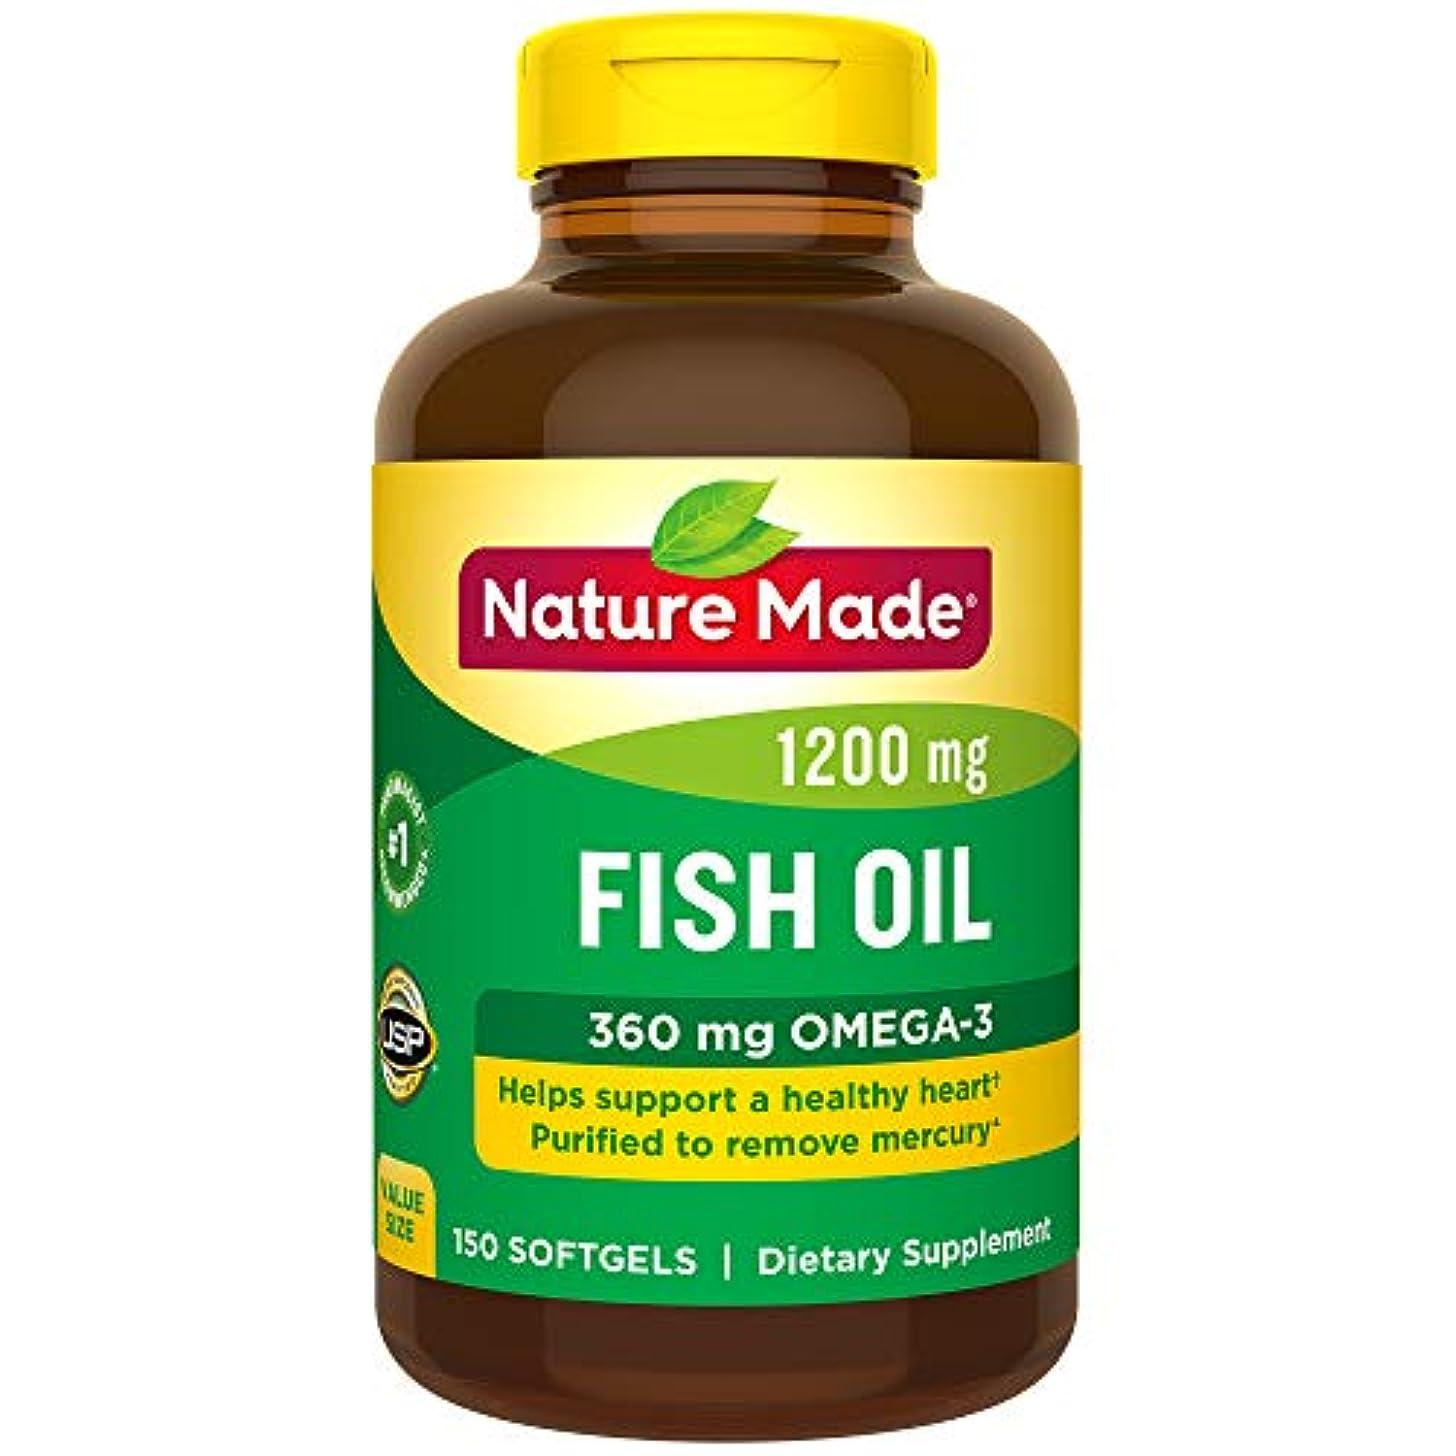 中不健全連続的ネイチャーメイド Nature Made フィッシュオイル オメガ3 サプリメント ソフトジェル 150粒 [並行輸入]